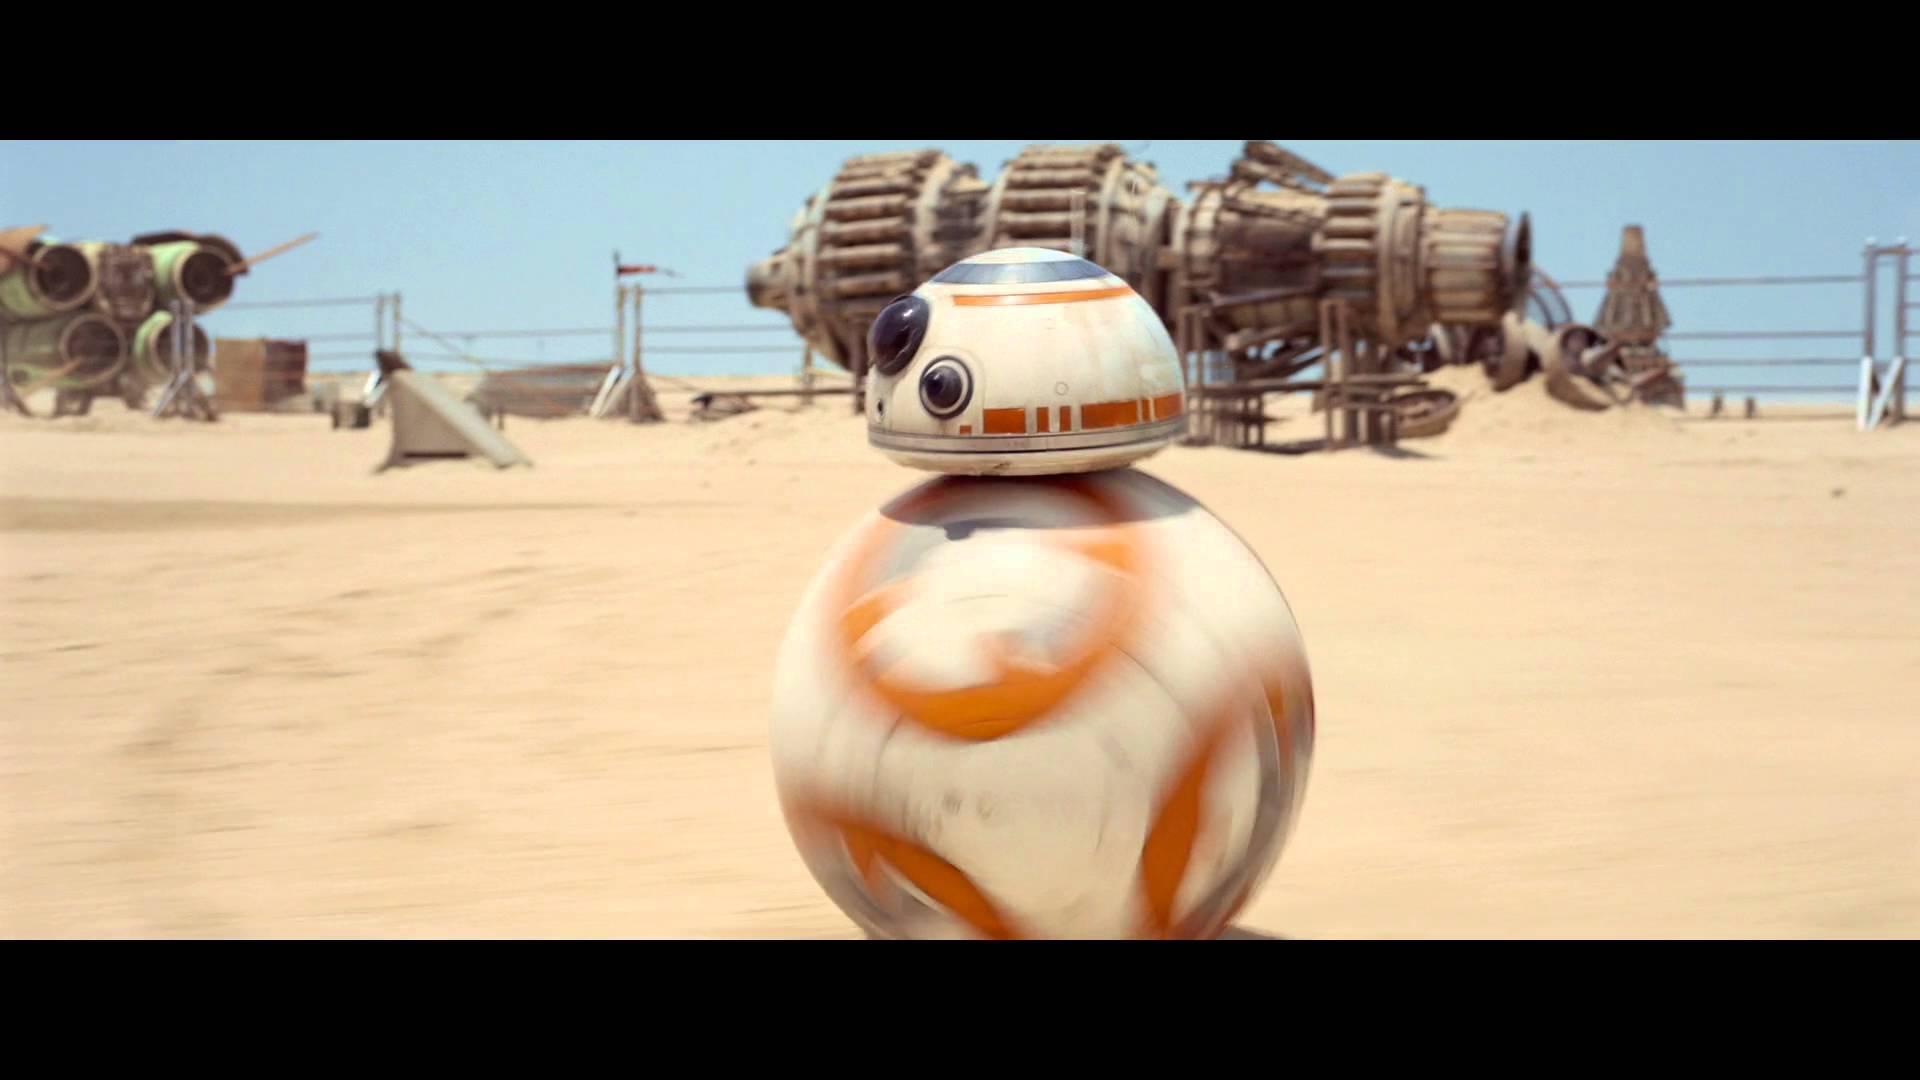 """Der offizielle Promo-Song zu """"Star Wars: The Force Awakens"""" aus China ist halt wirklich nicht so gut"""